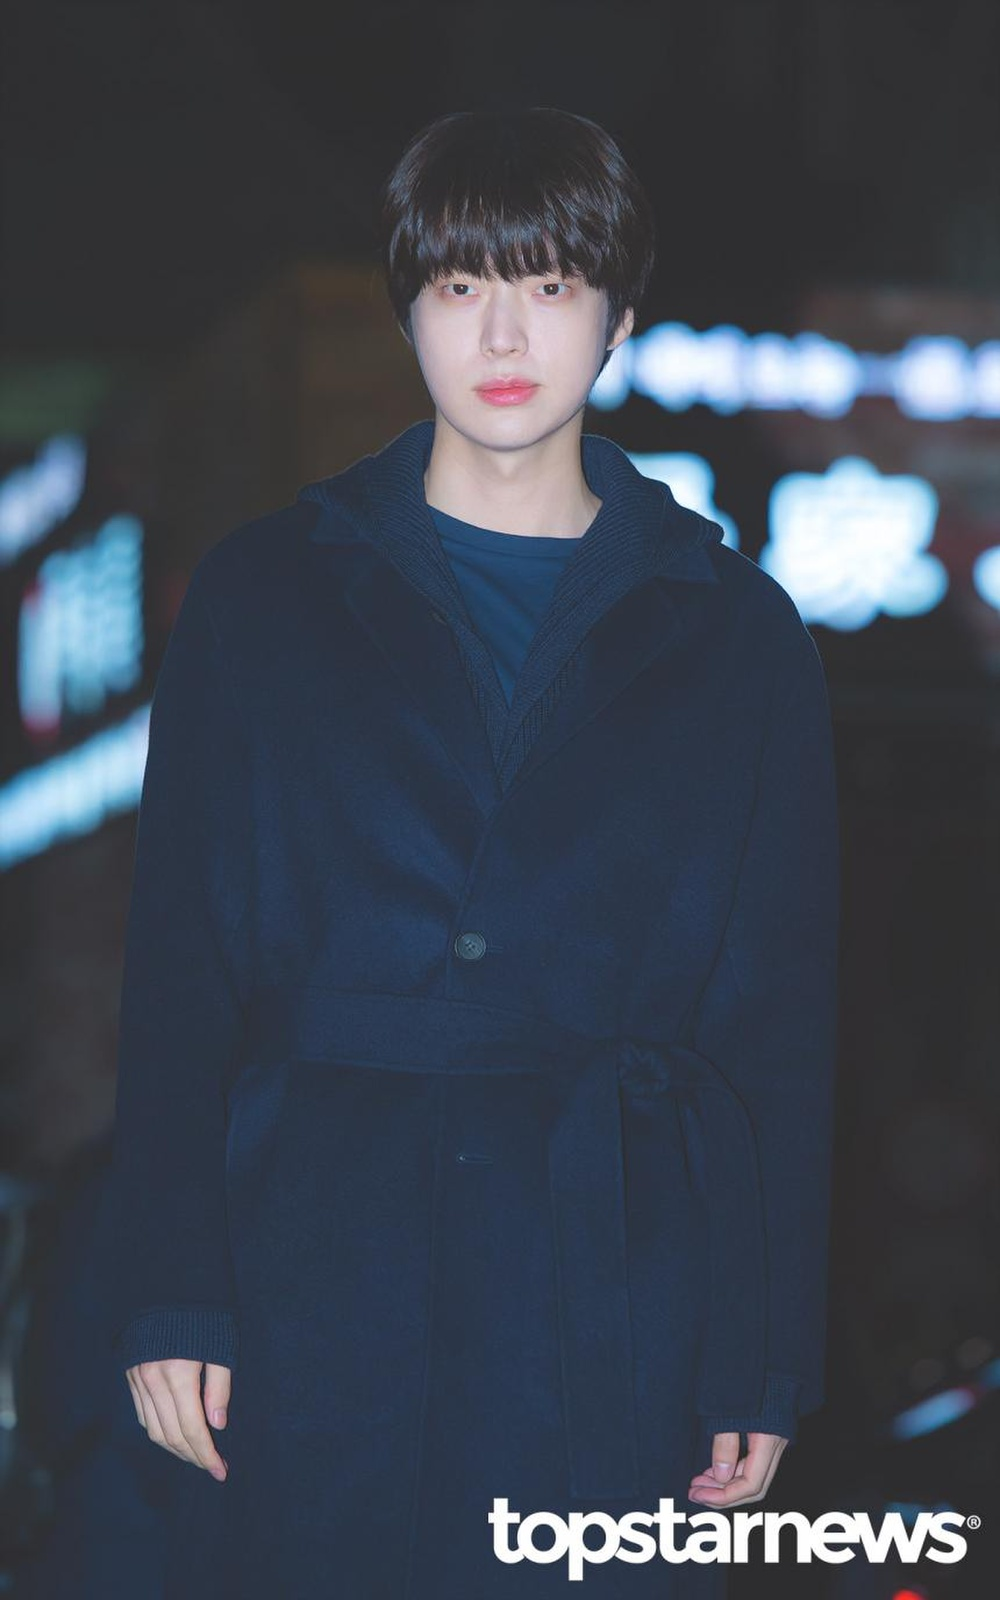 Sau tất cả, Ahn Jae Hyuk chính là nạn nhân của Goo Hye Sun: Bị vu oan, sự nghiệp tiêu tan! Ảnh 6